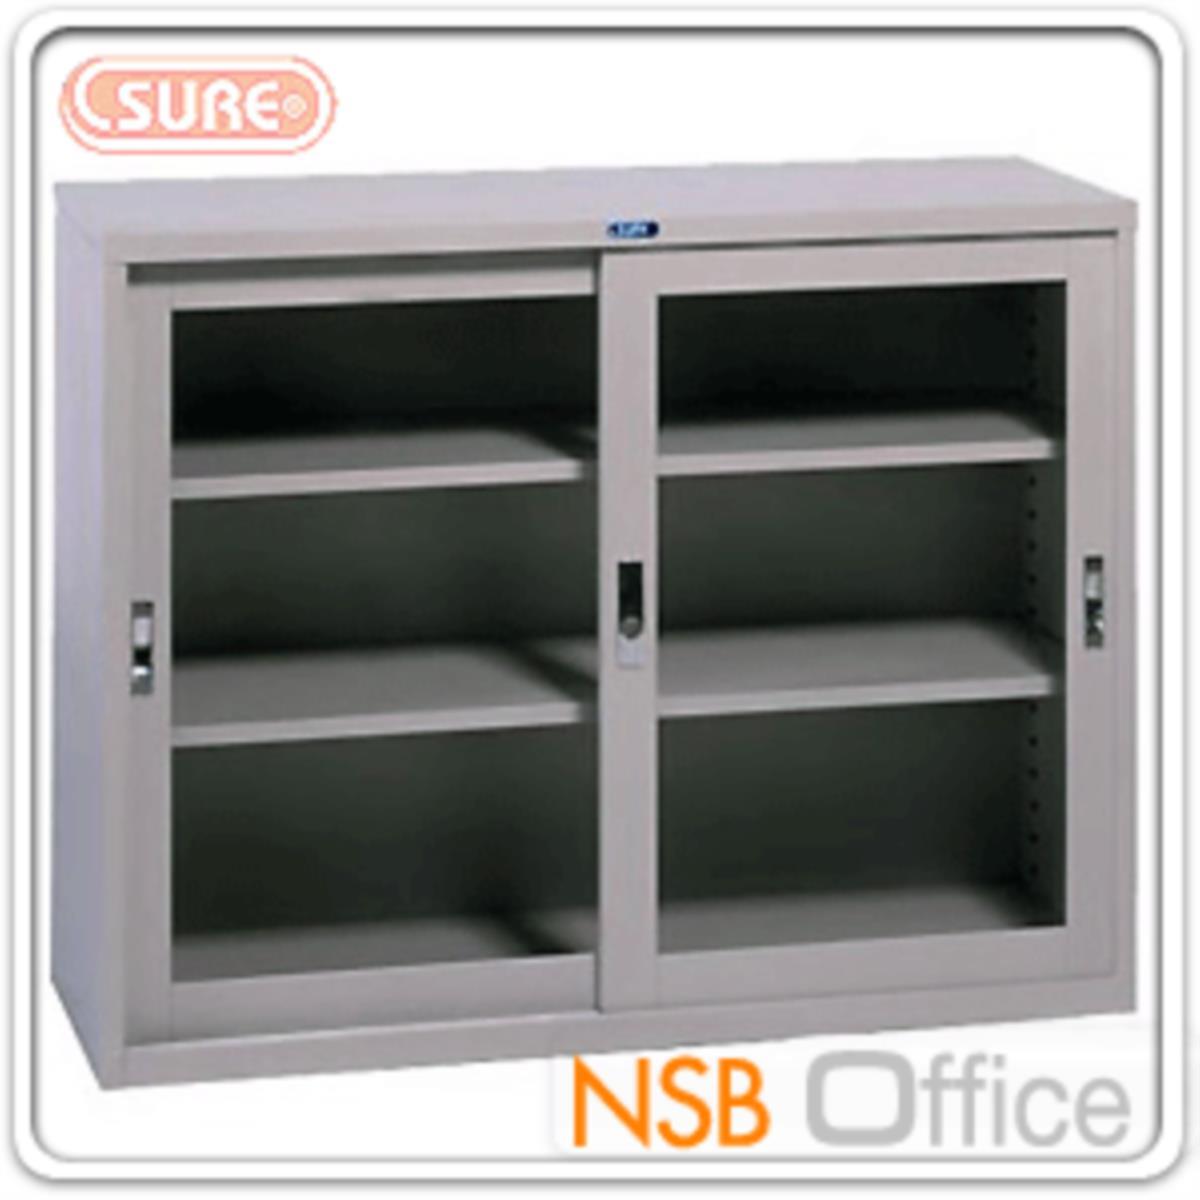 ตู้บานเลื่อนกระจกเตี้ย รุ่น SLG-03,SLG-04,SLG-05